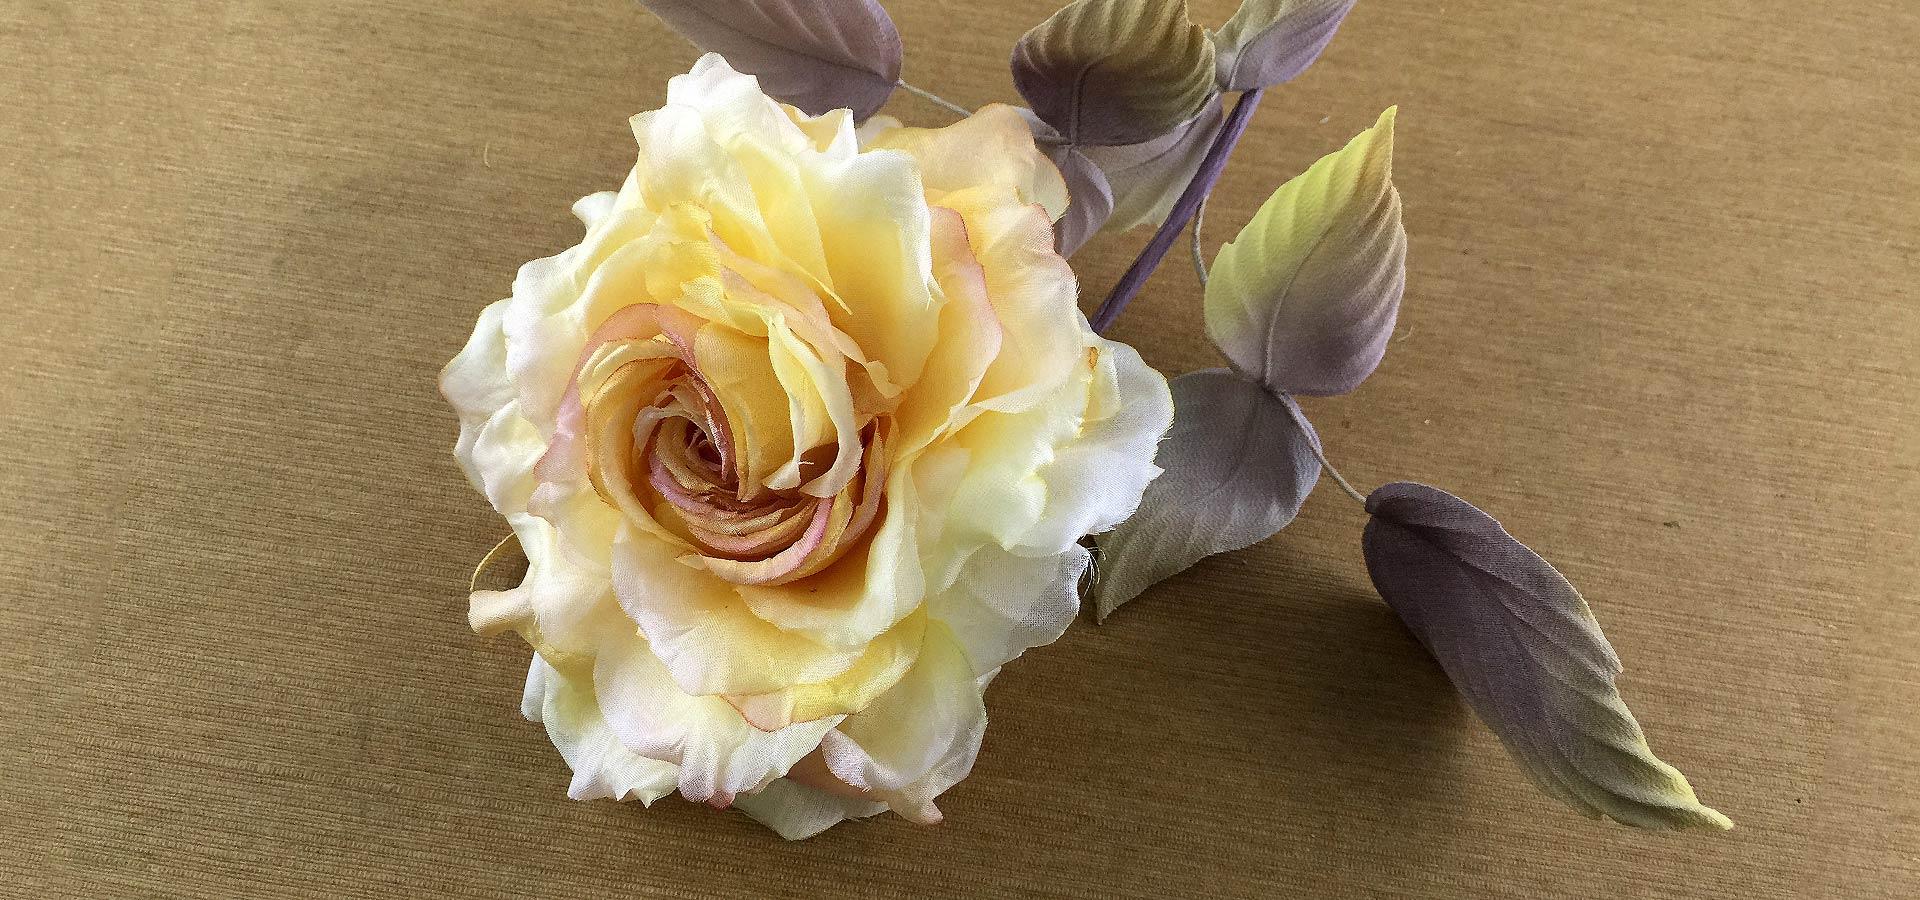 jp1-silk-rose-joltaya